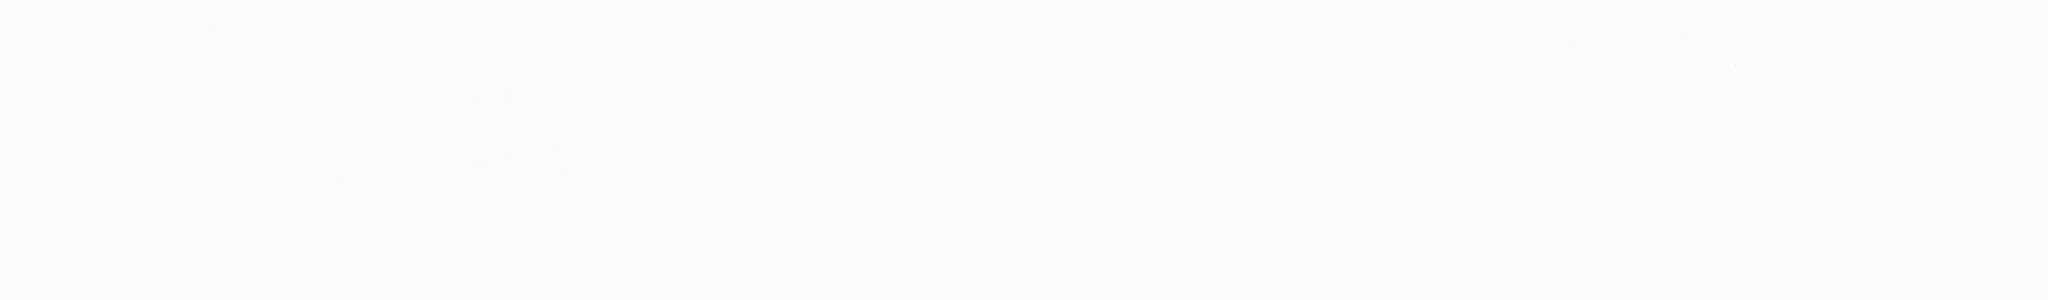 HU 50113 ламинированная кромка ФАЛЬЦ белая лакированная